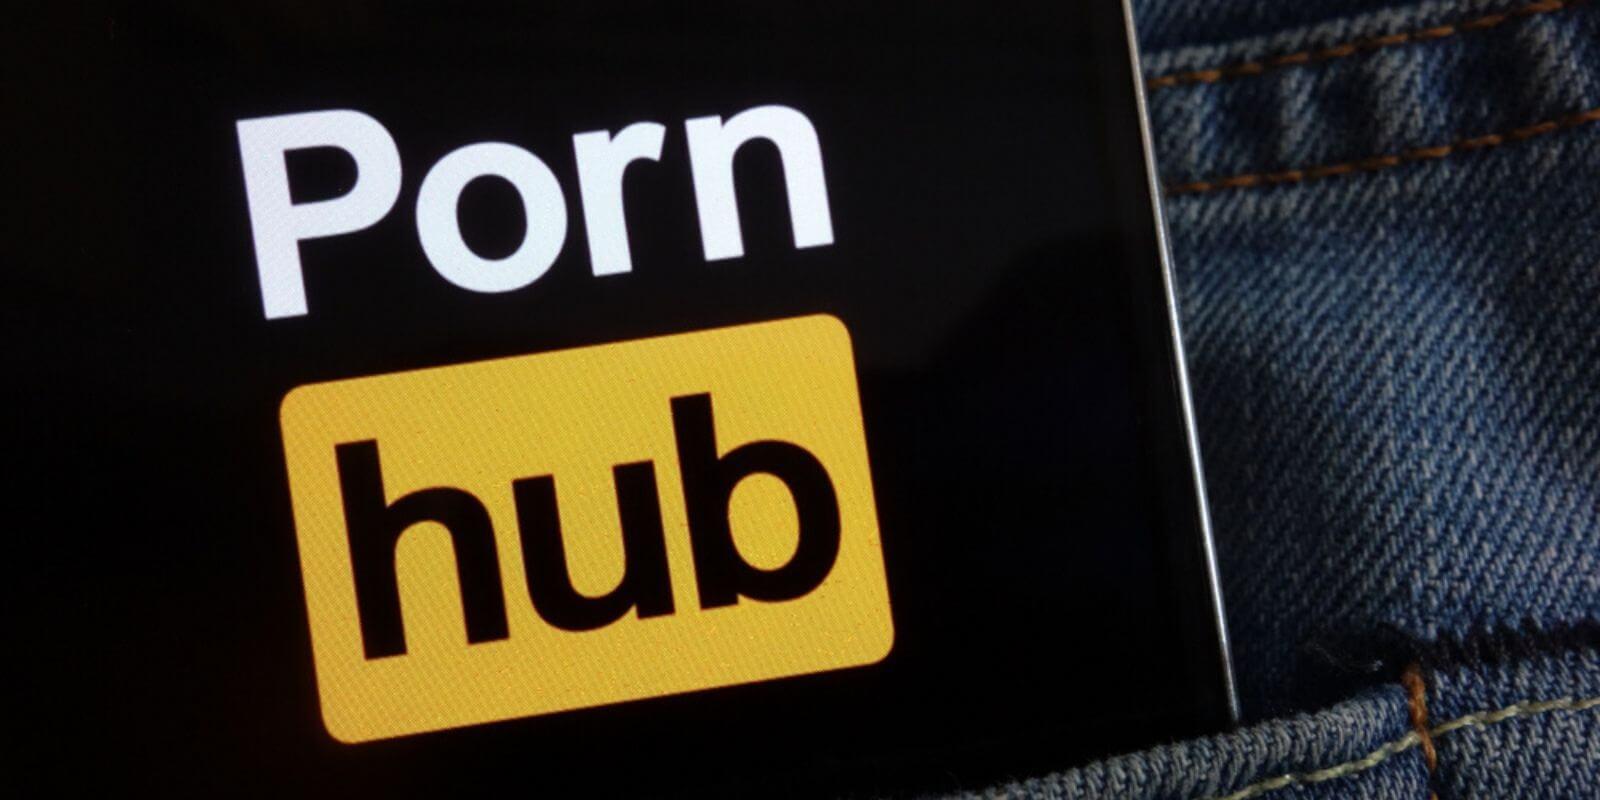 Pornhub ajoute le Tether (USDT) à ses options de paiement